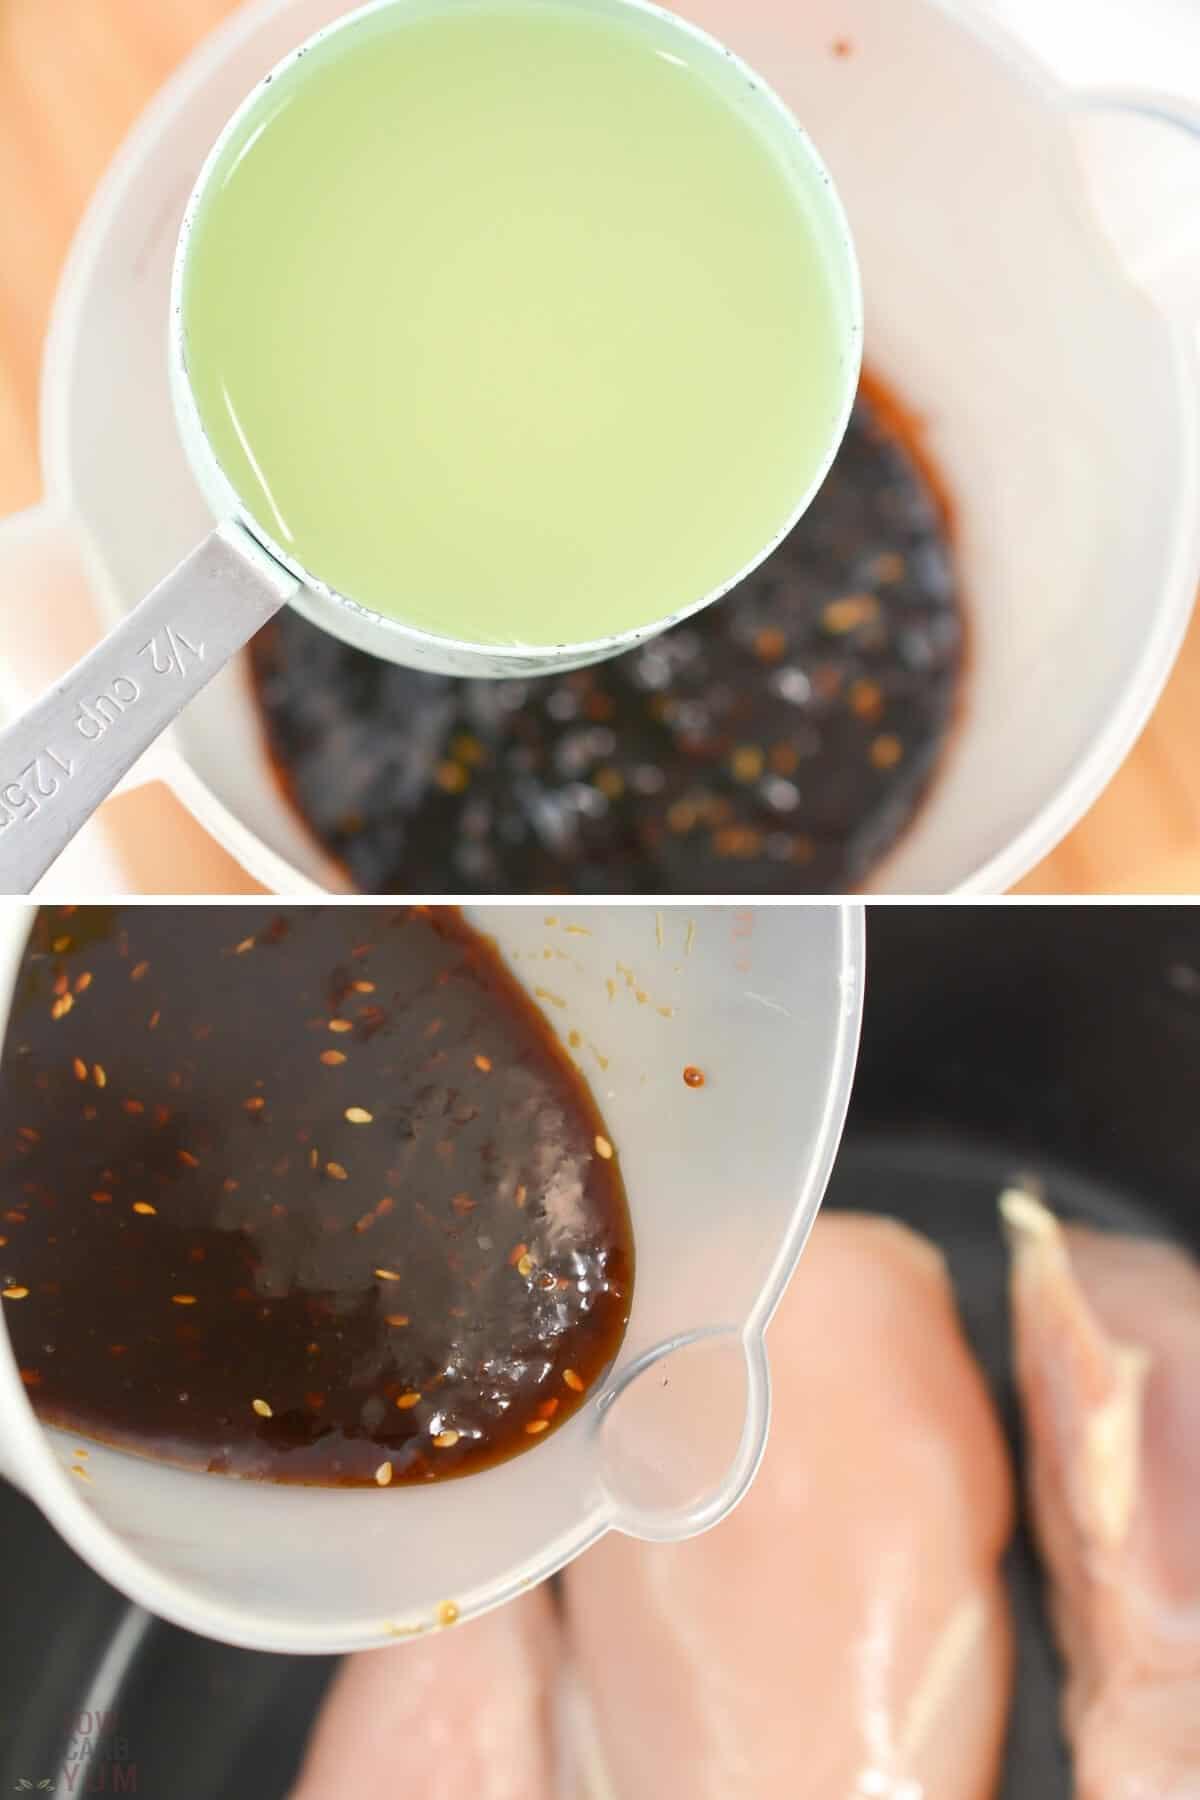 combining broth and teriyaki sauce